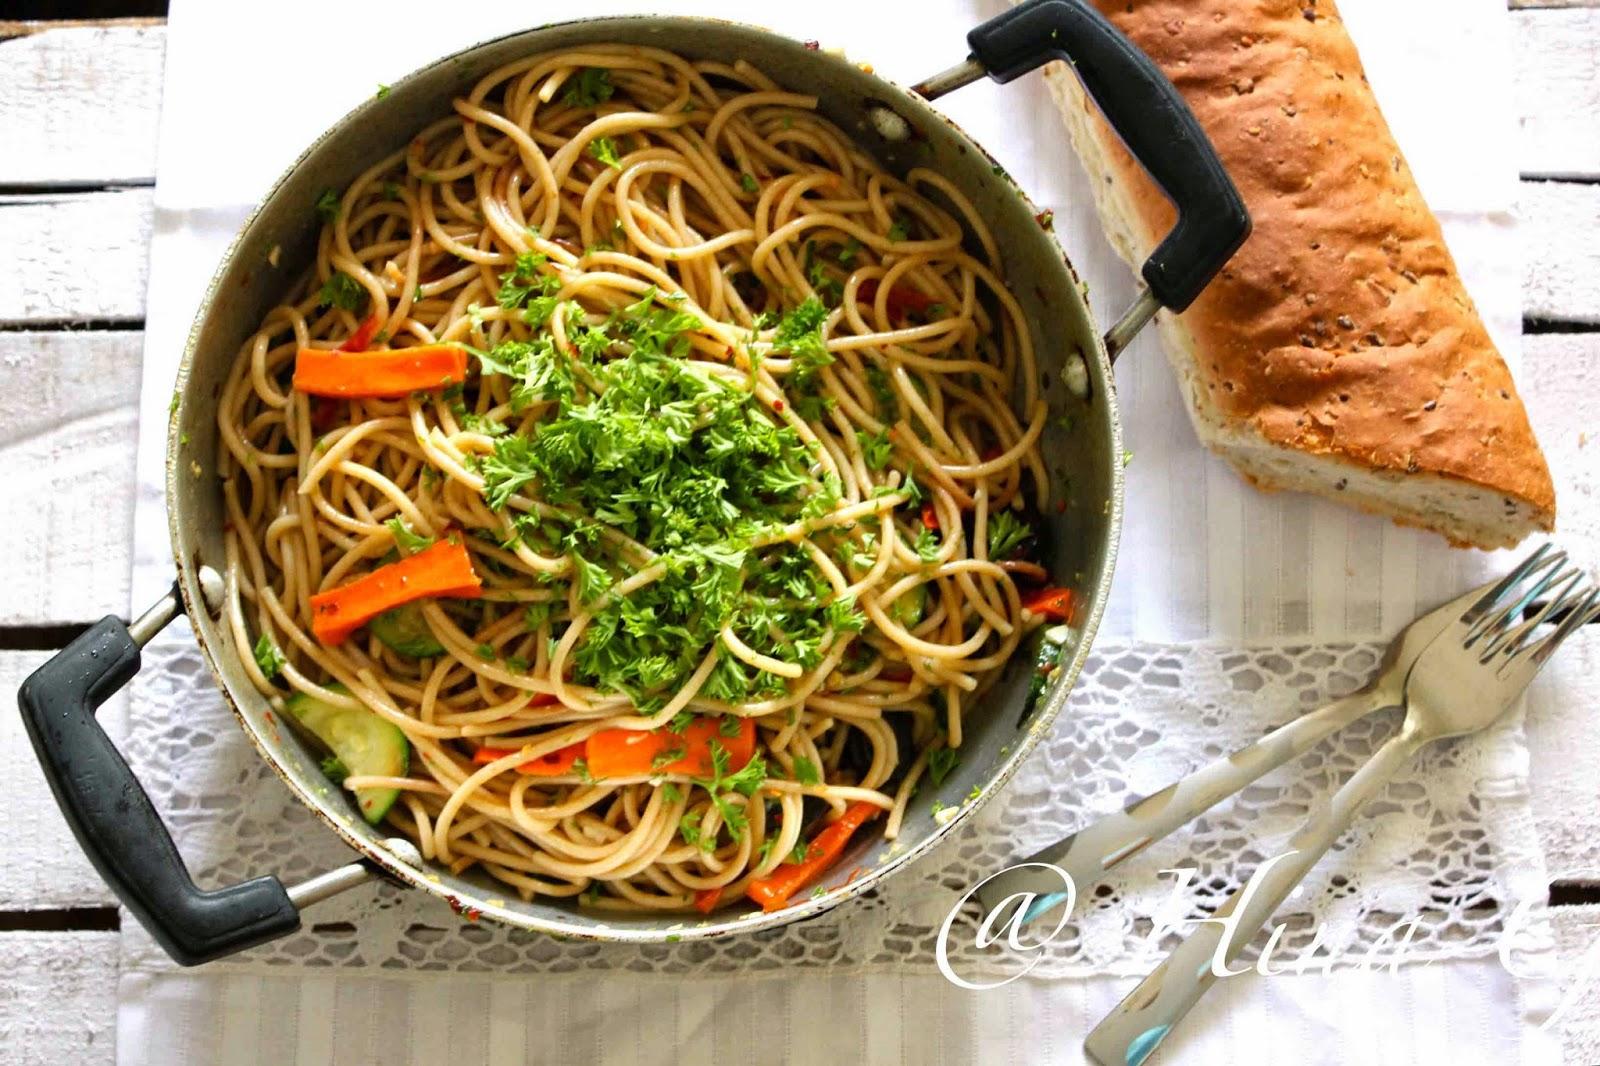 Spaghetti Alio Olio (Spaghetti with Garlic & Oil)